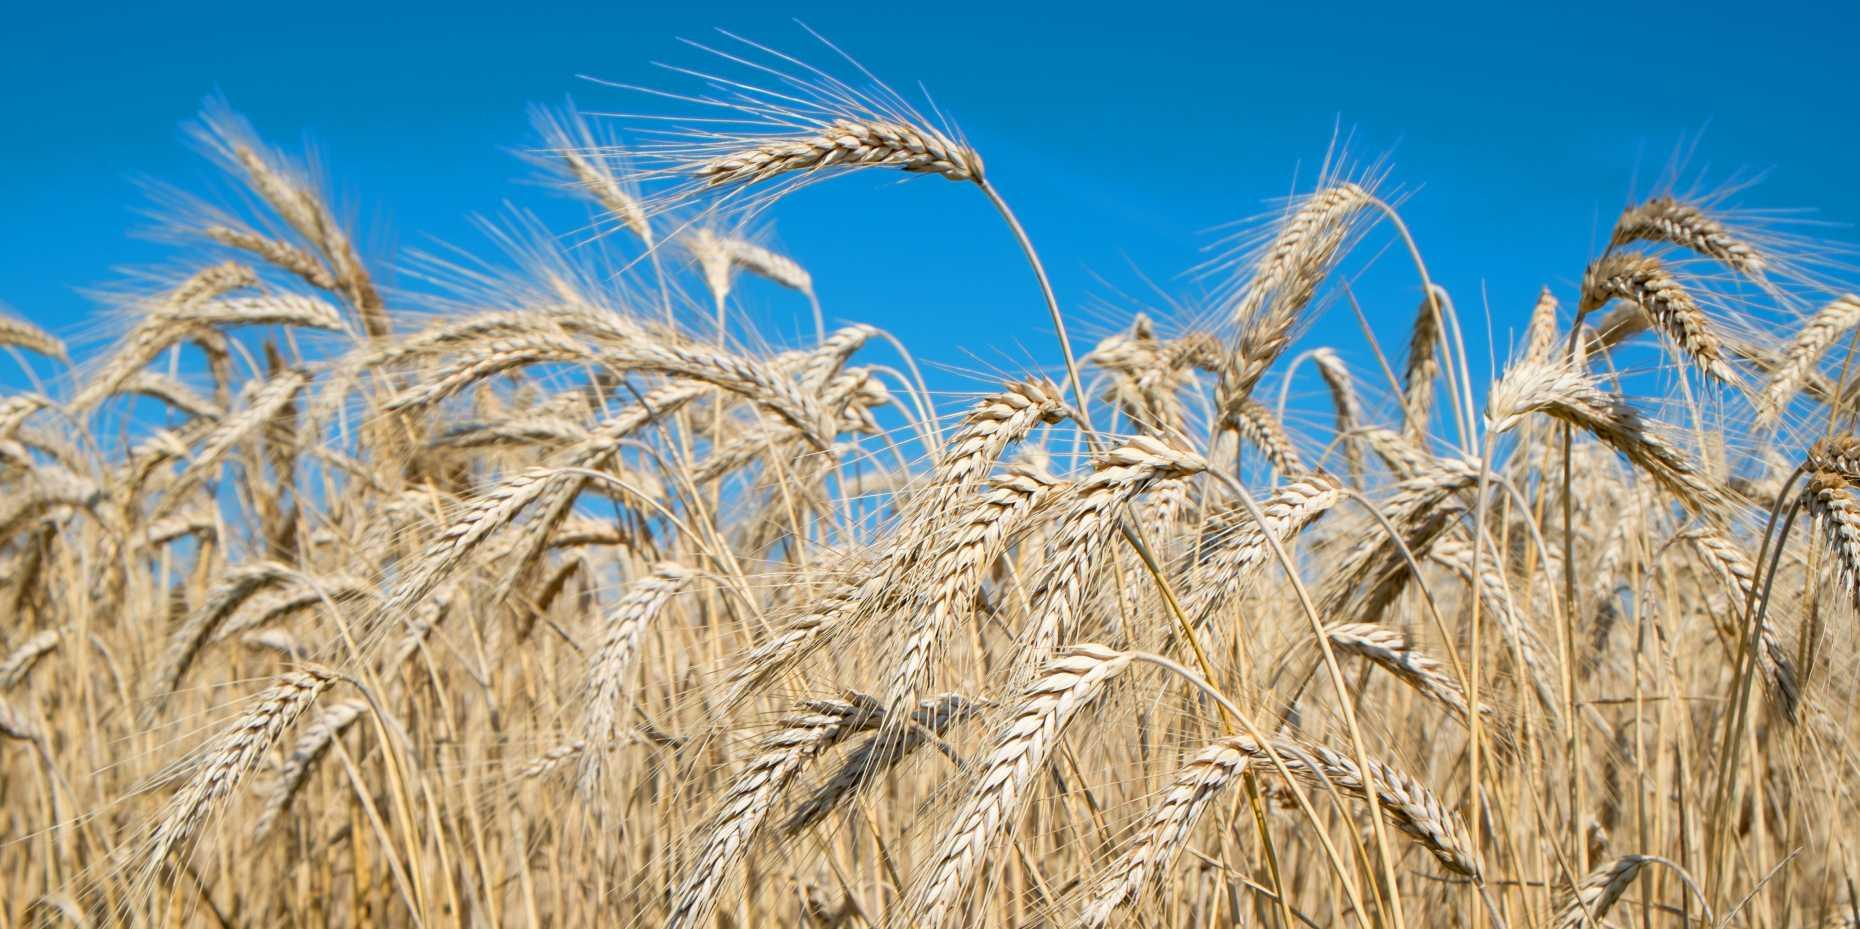 Wheat (Image: Byjeng / iStock)